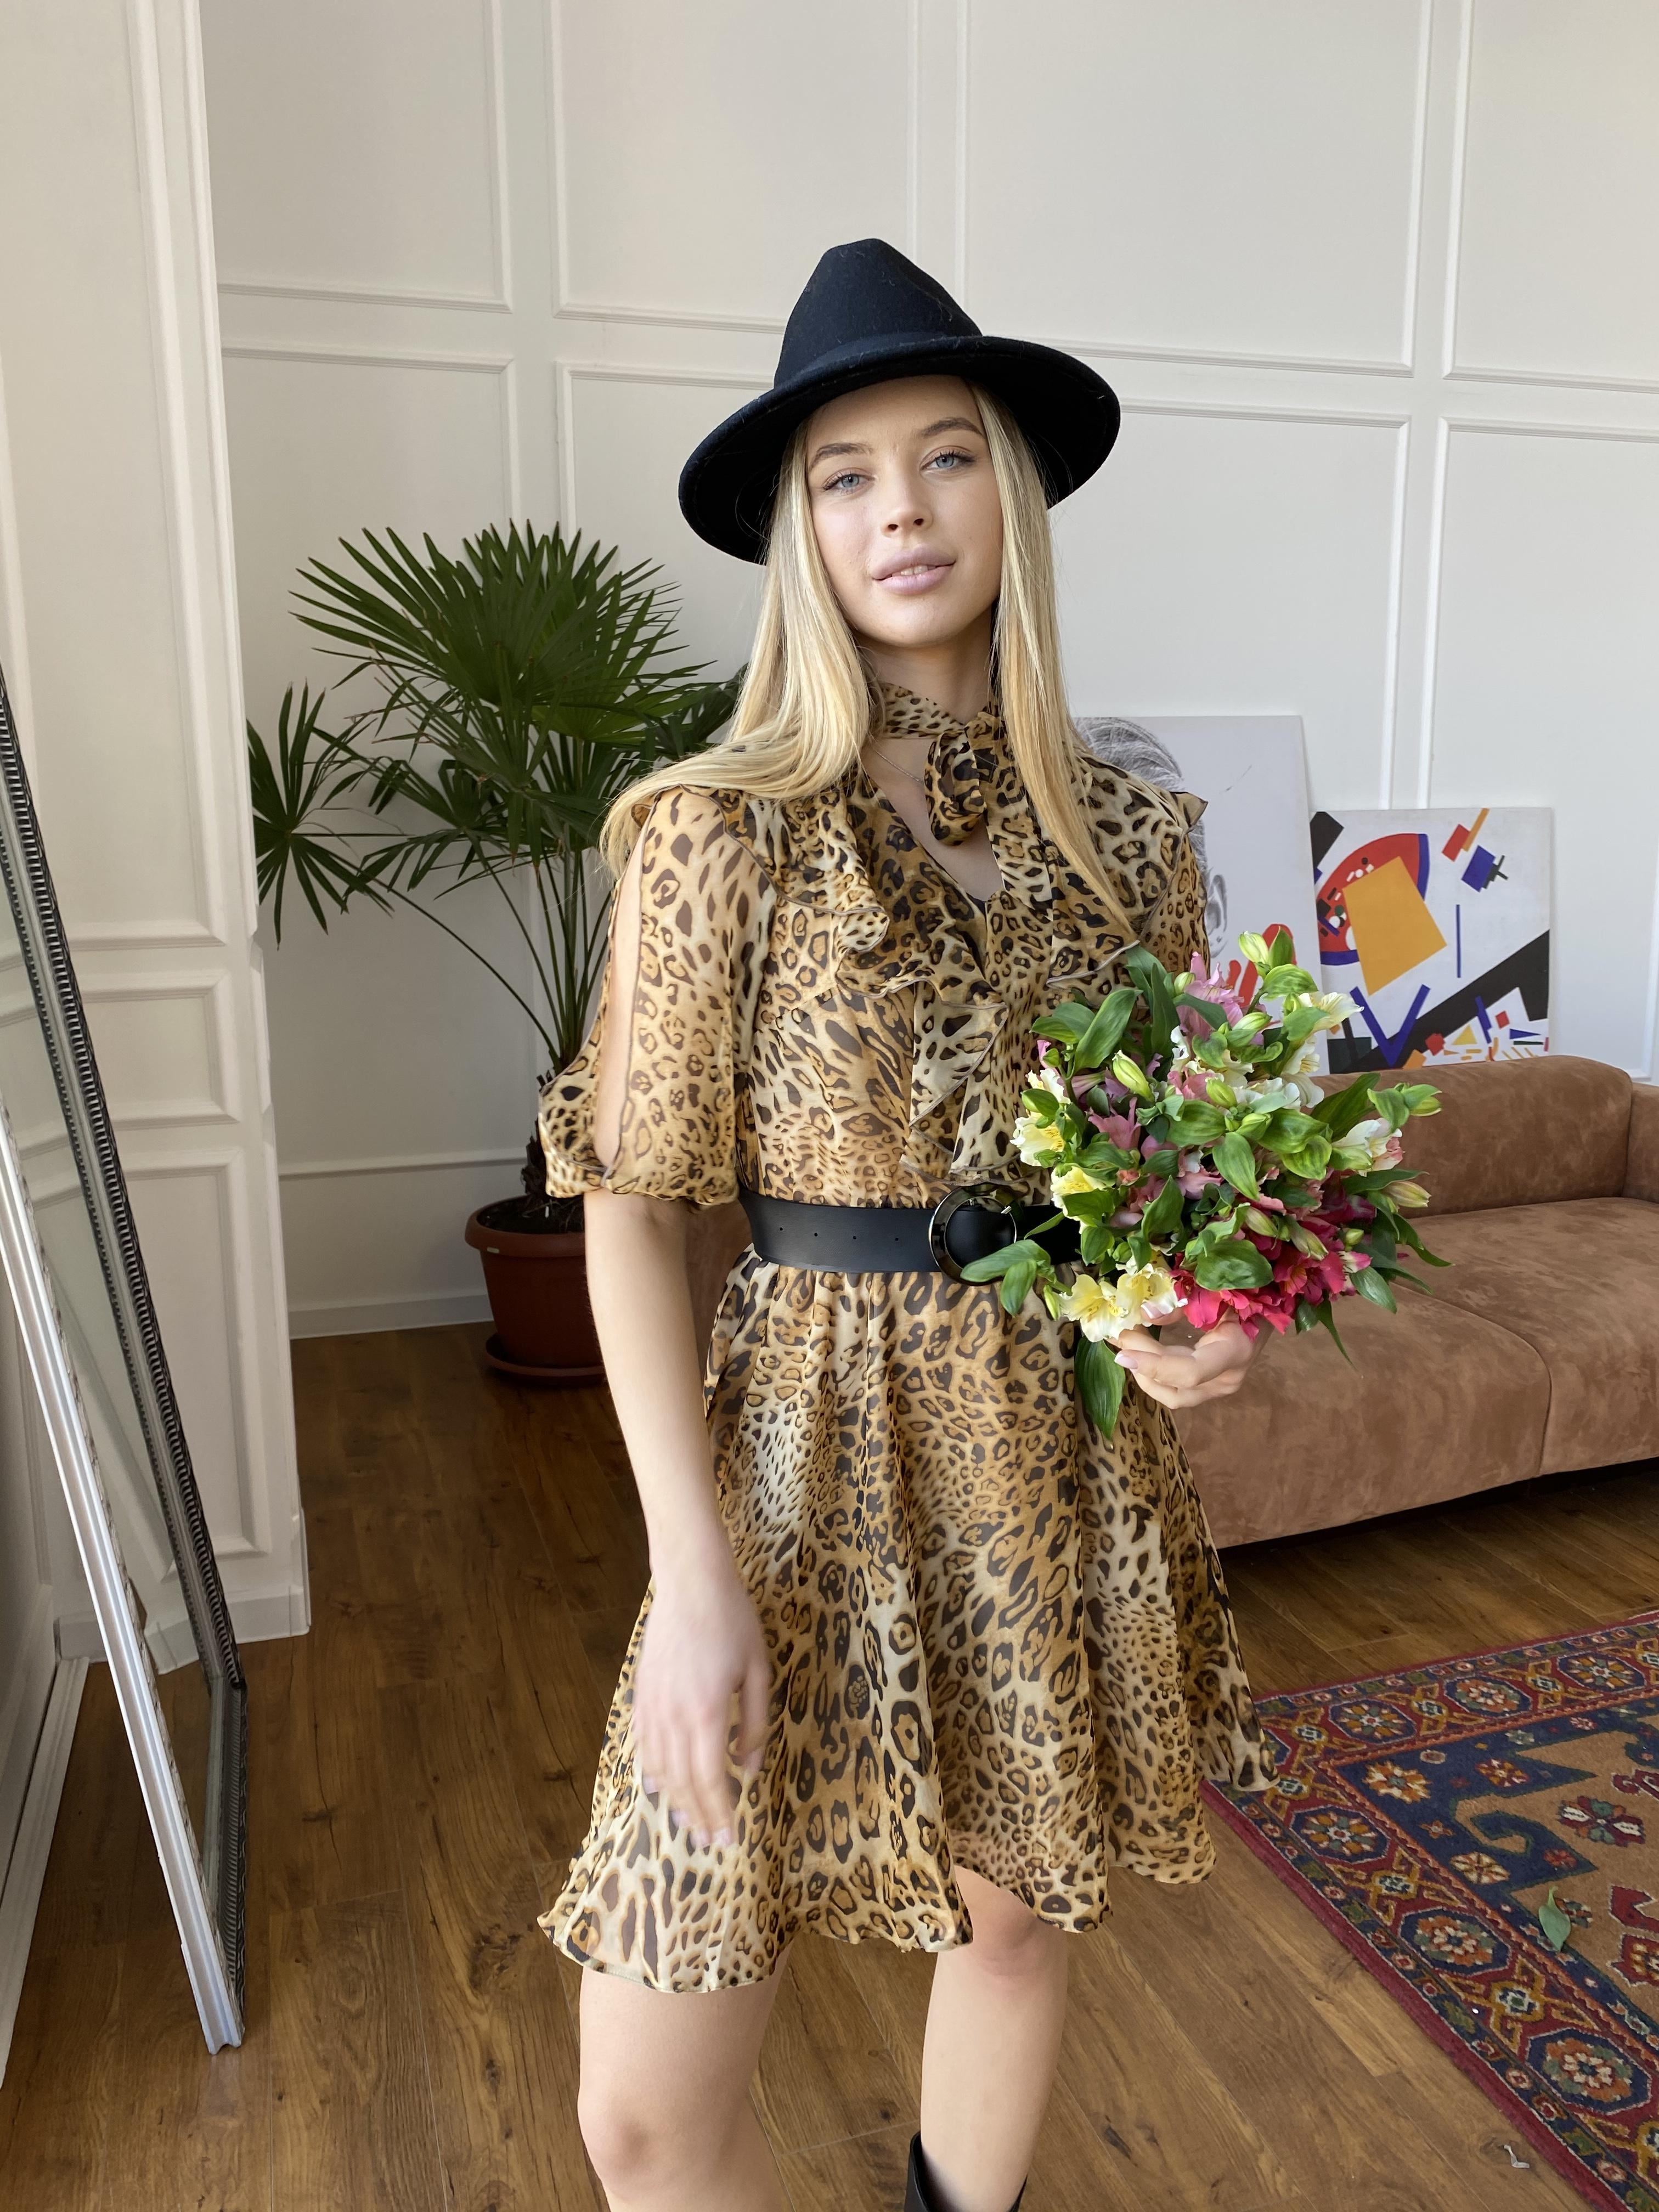 Блюз платье в леопардовый принт 7093 АРТ. 42551 Цвет: Леопард 2 - фото 7, интернет магазин tm-modus.ru